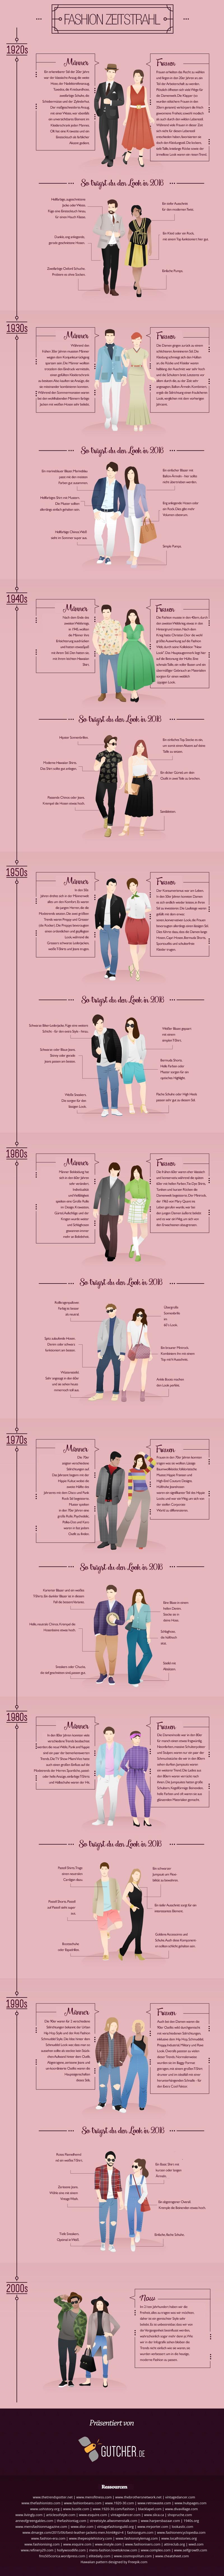 """Infografik """"100 Jahre Fashion"""" I Trends von damals in die Gegenwart übertragen"""